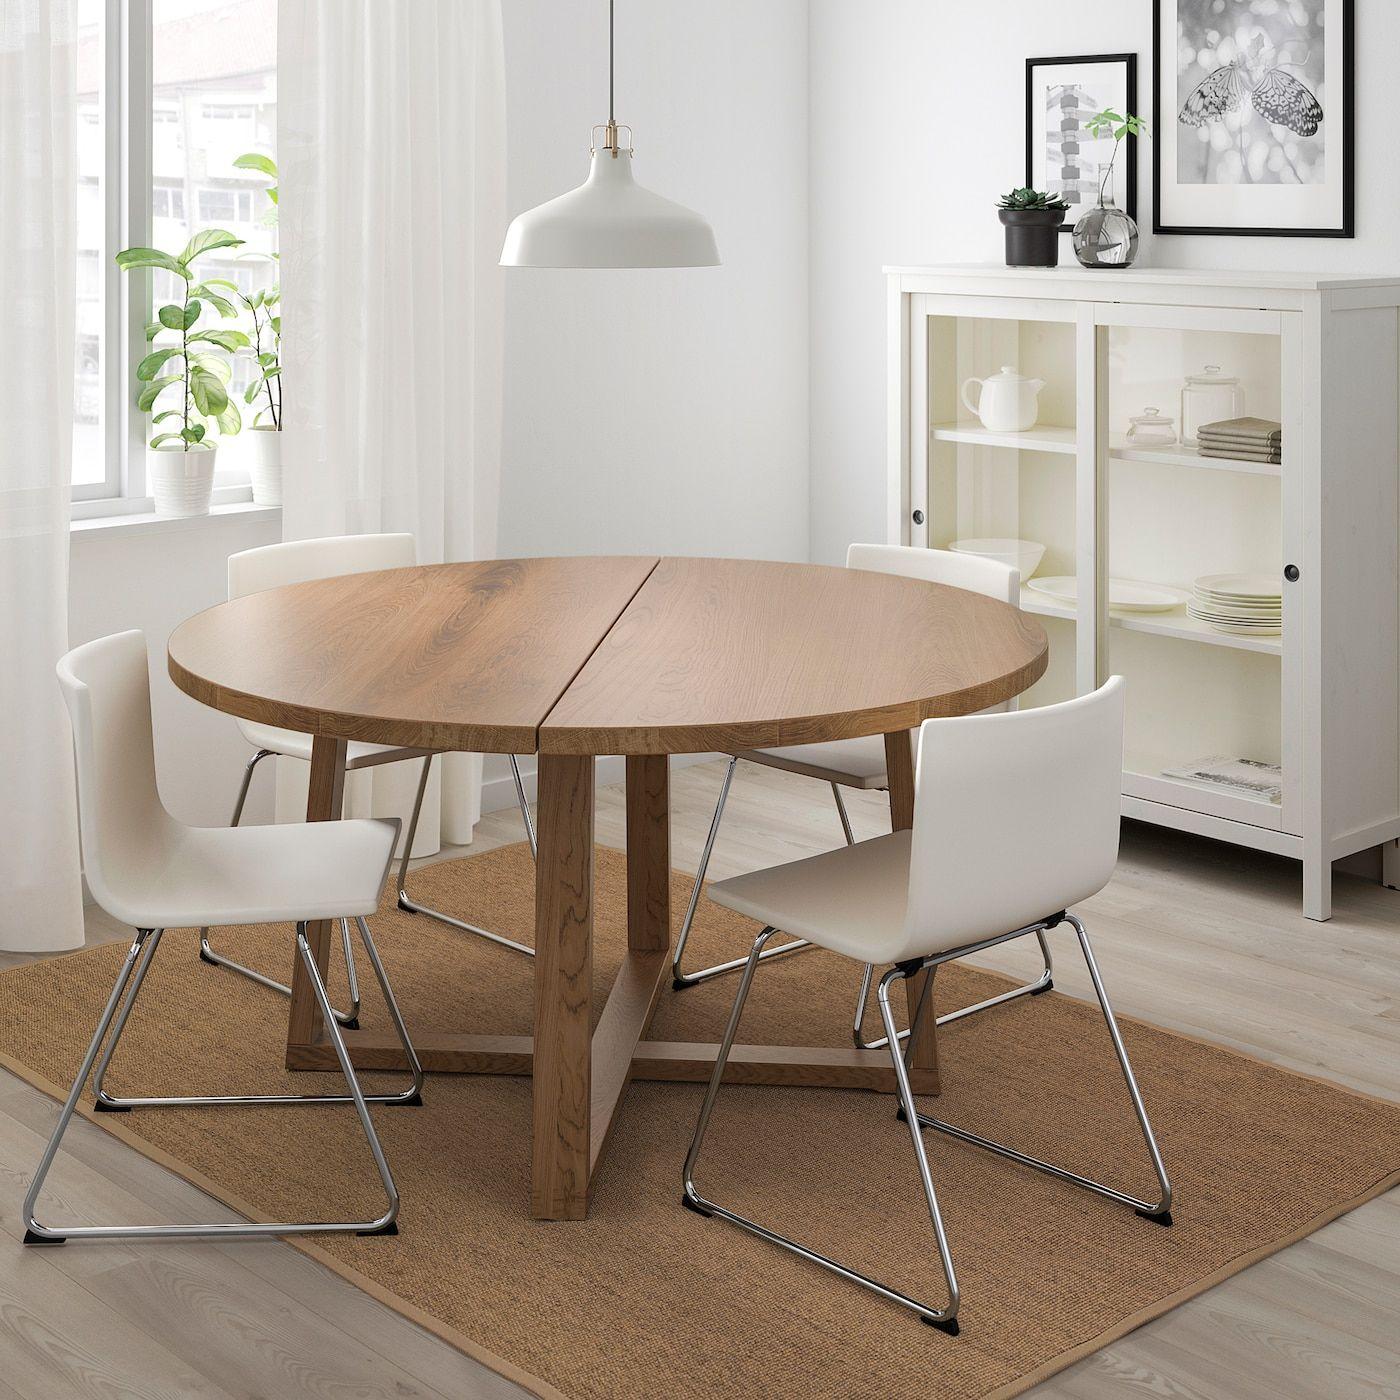 32+ Table de cuisine ovale trends